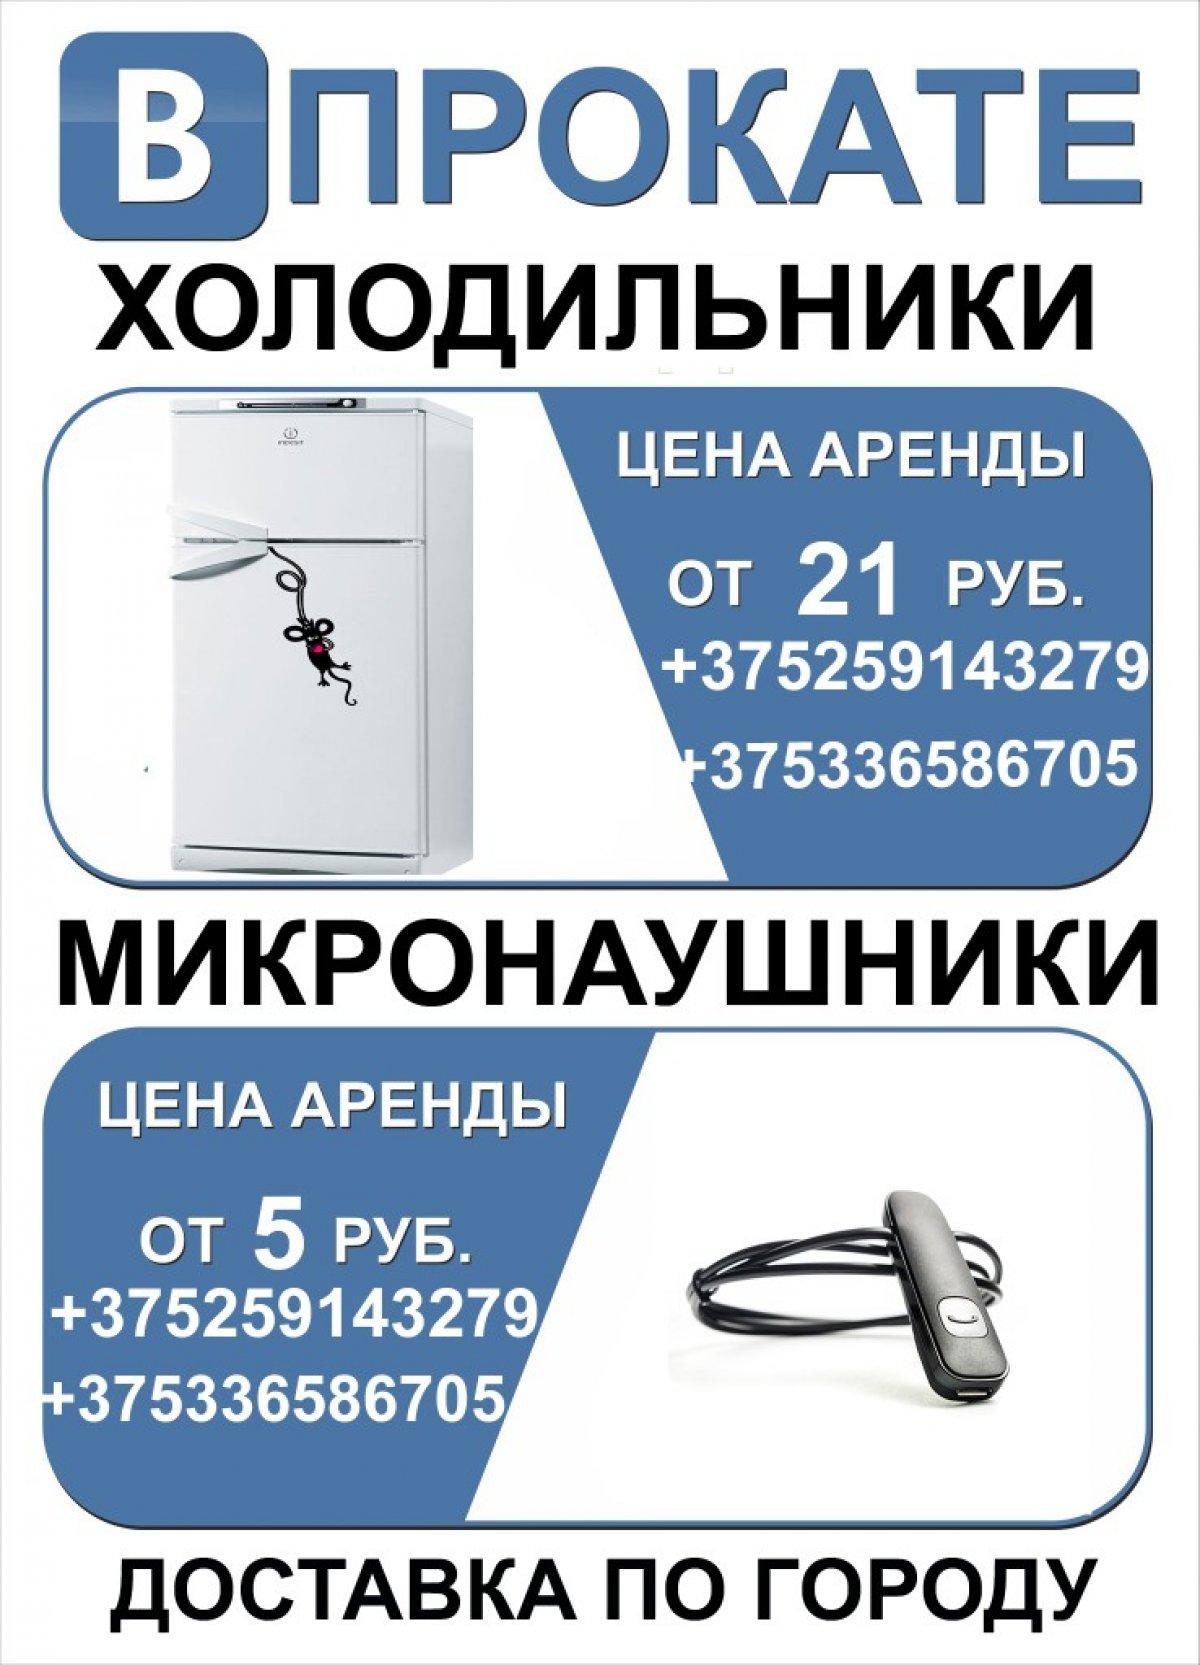 [club66424963 ПРОКАТ ХОЛОДИЛЬНИКОВ